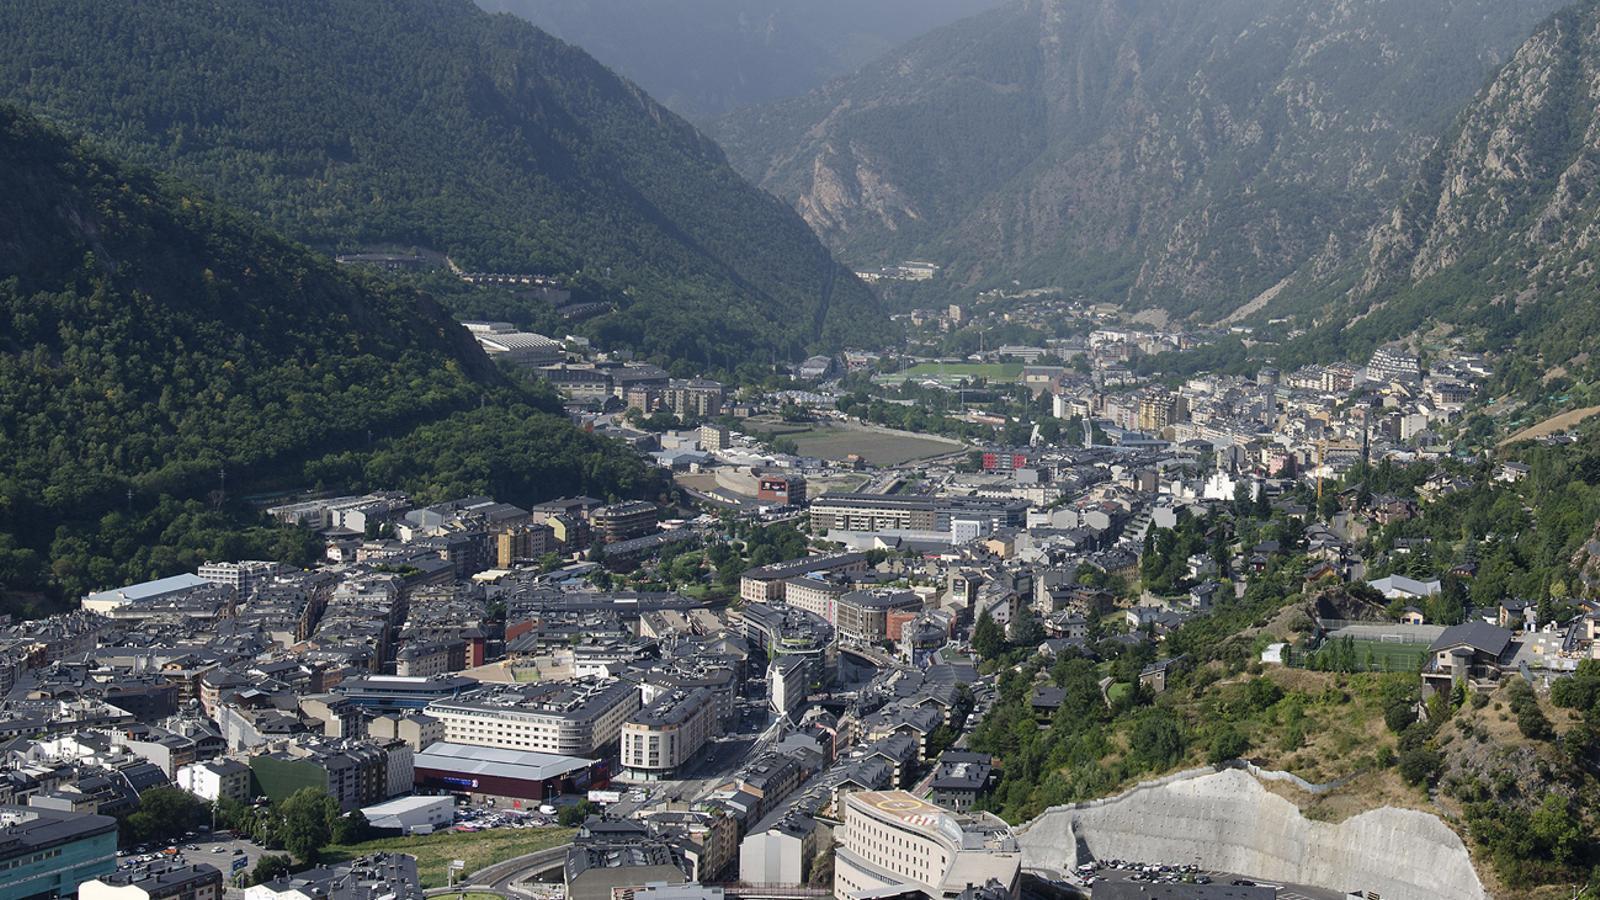 Vista aèria d'Andorra la Vella i Escaldes-Engordany. / ARXIU ANA